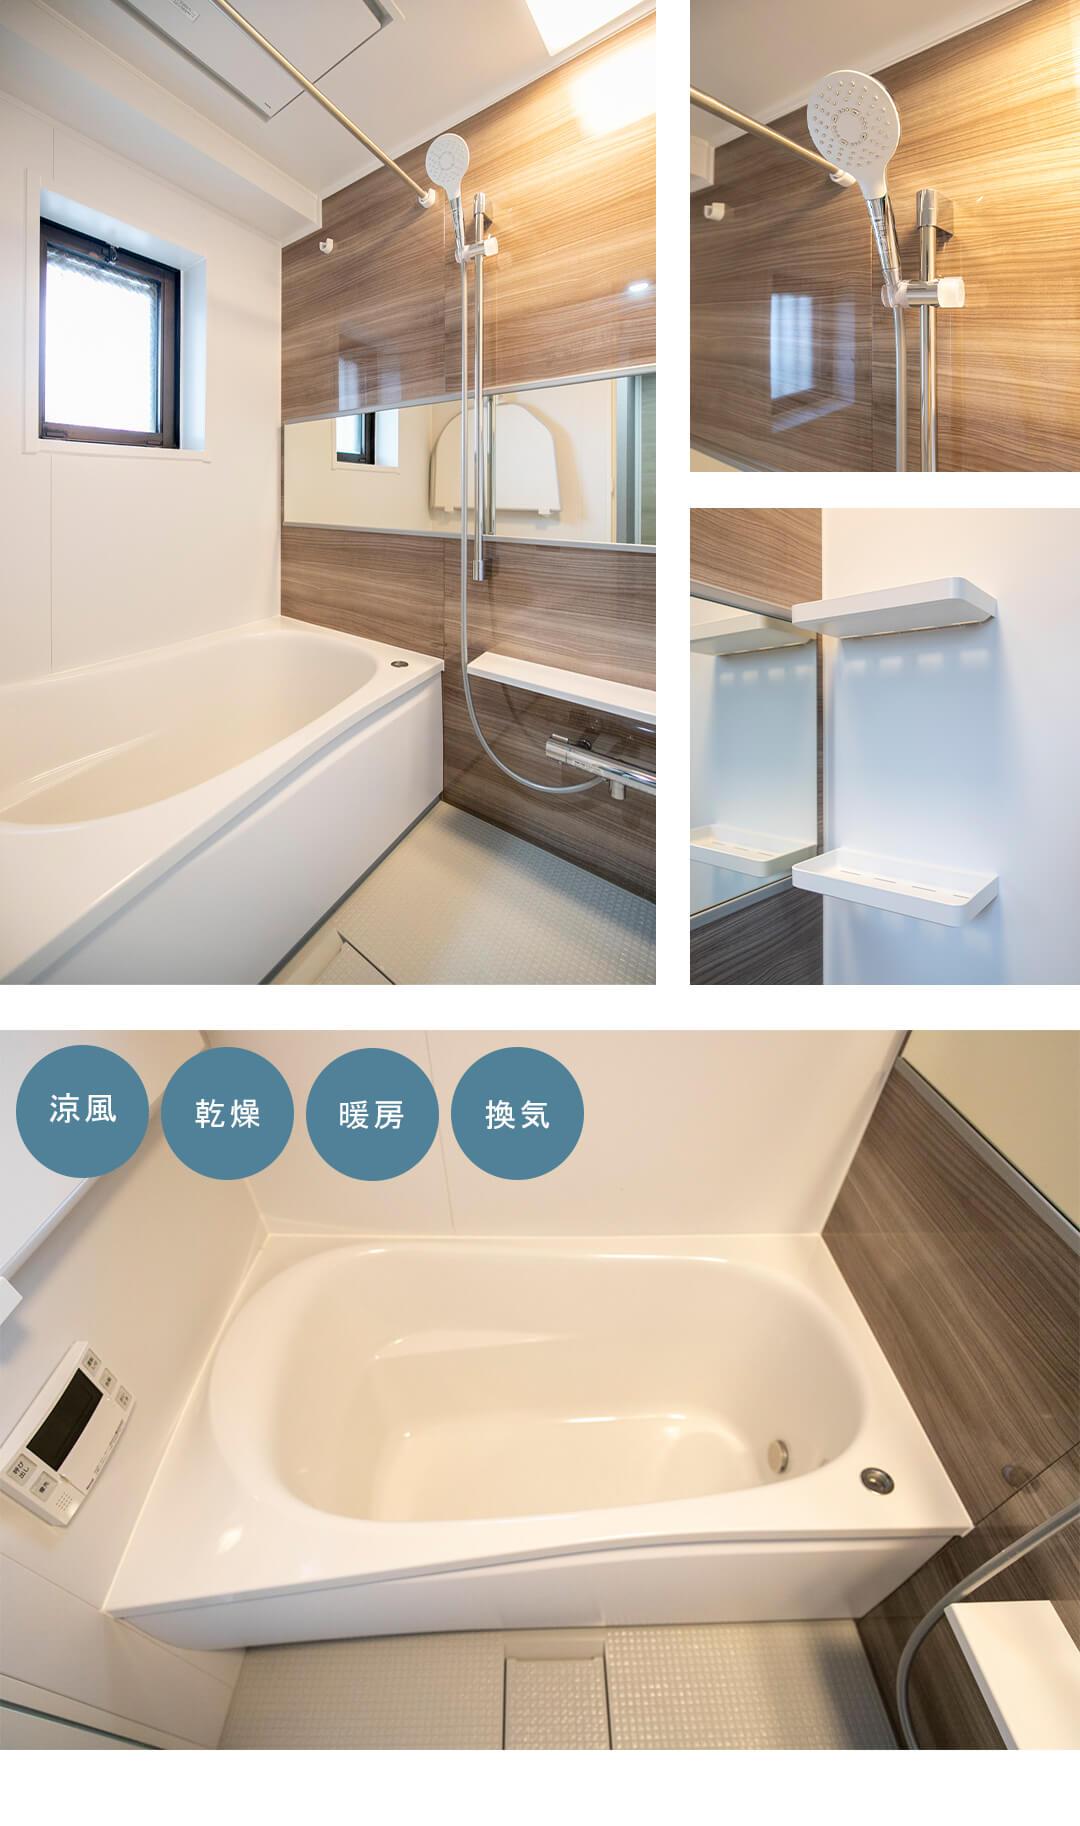 デュオ駒込の浴室